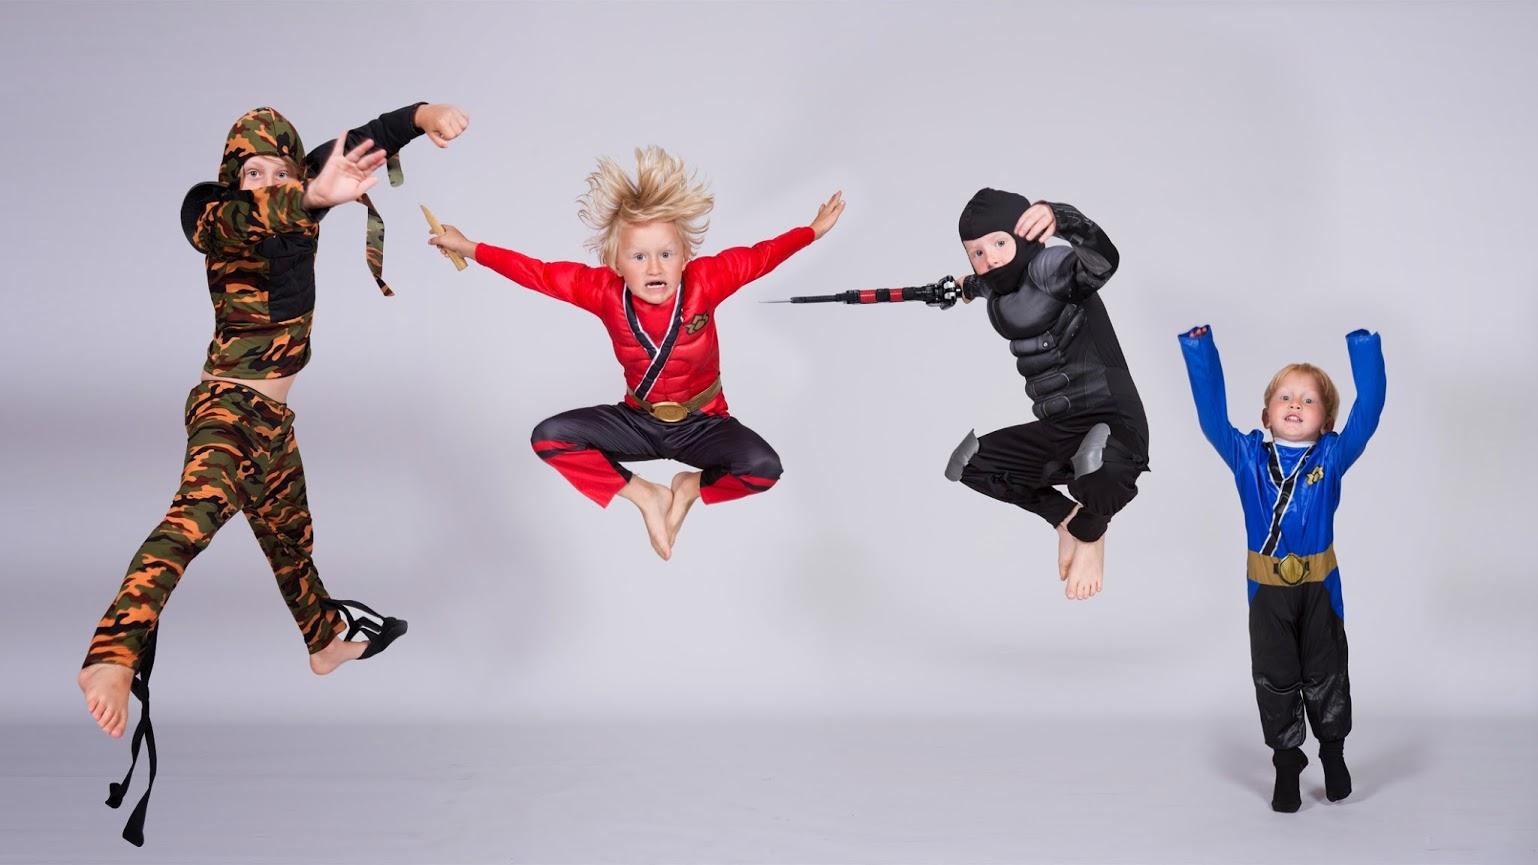 4 boys jumping